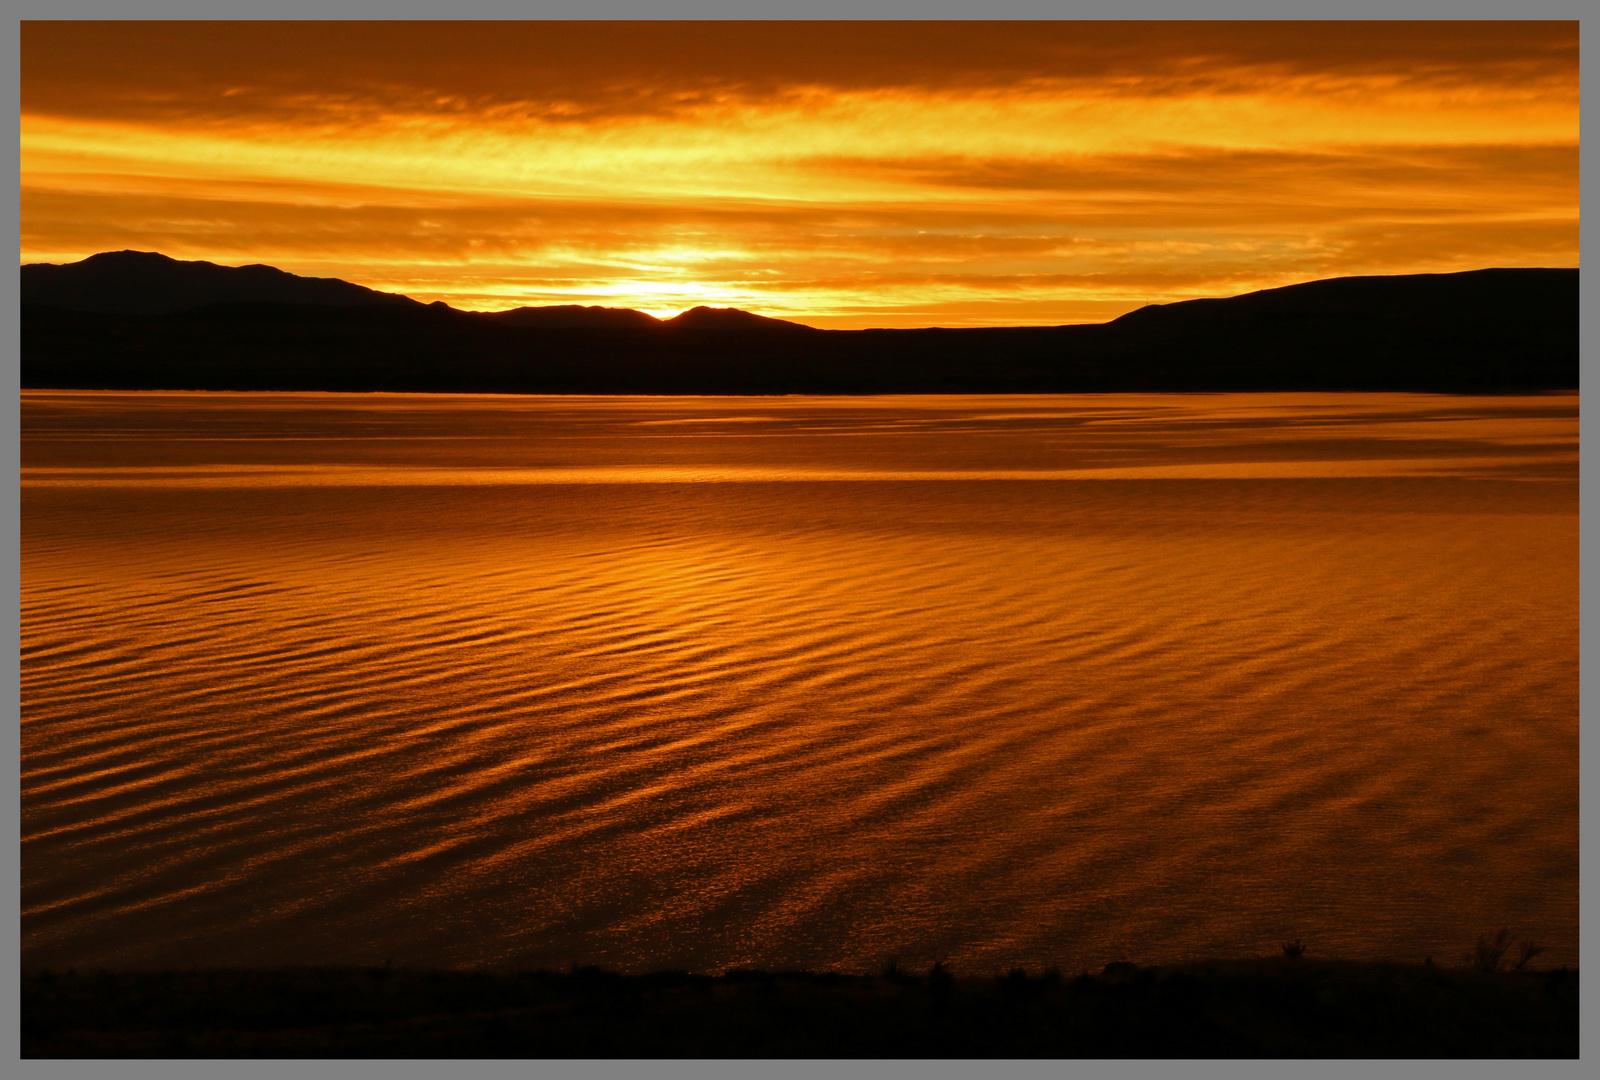 sunrise on Lake Pukaki